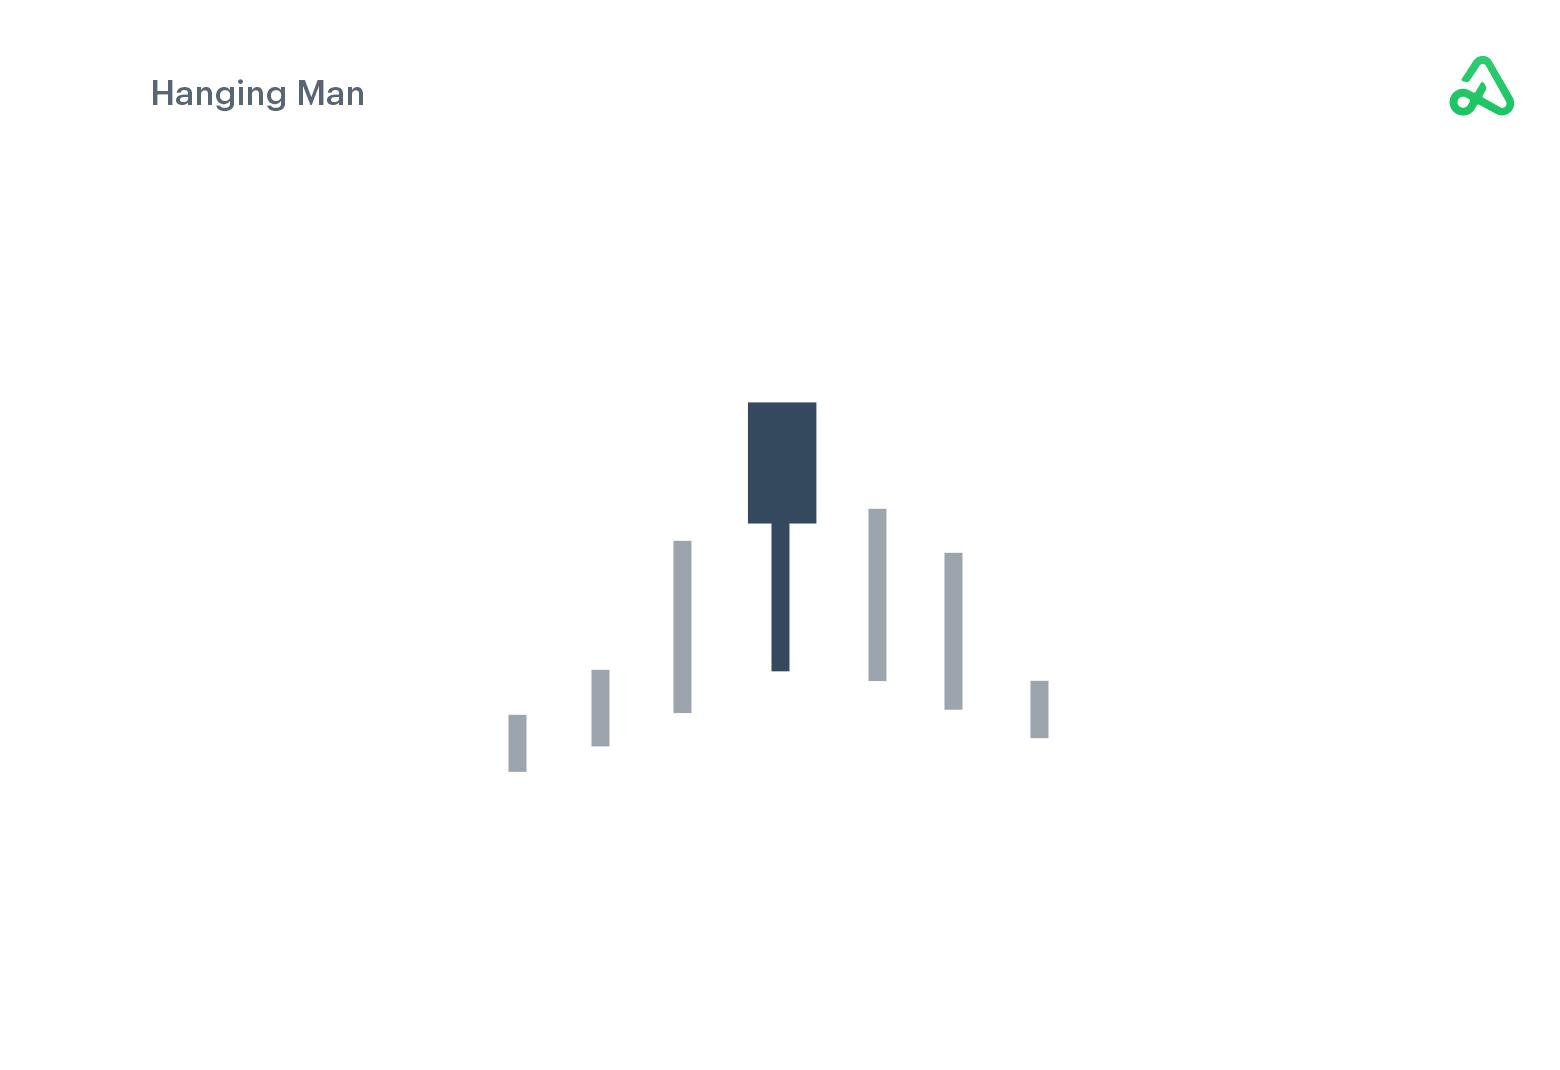 Hanging Man example image